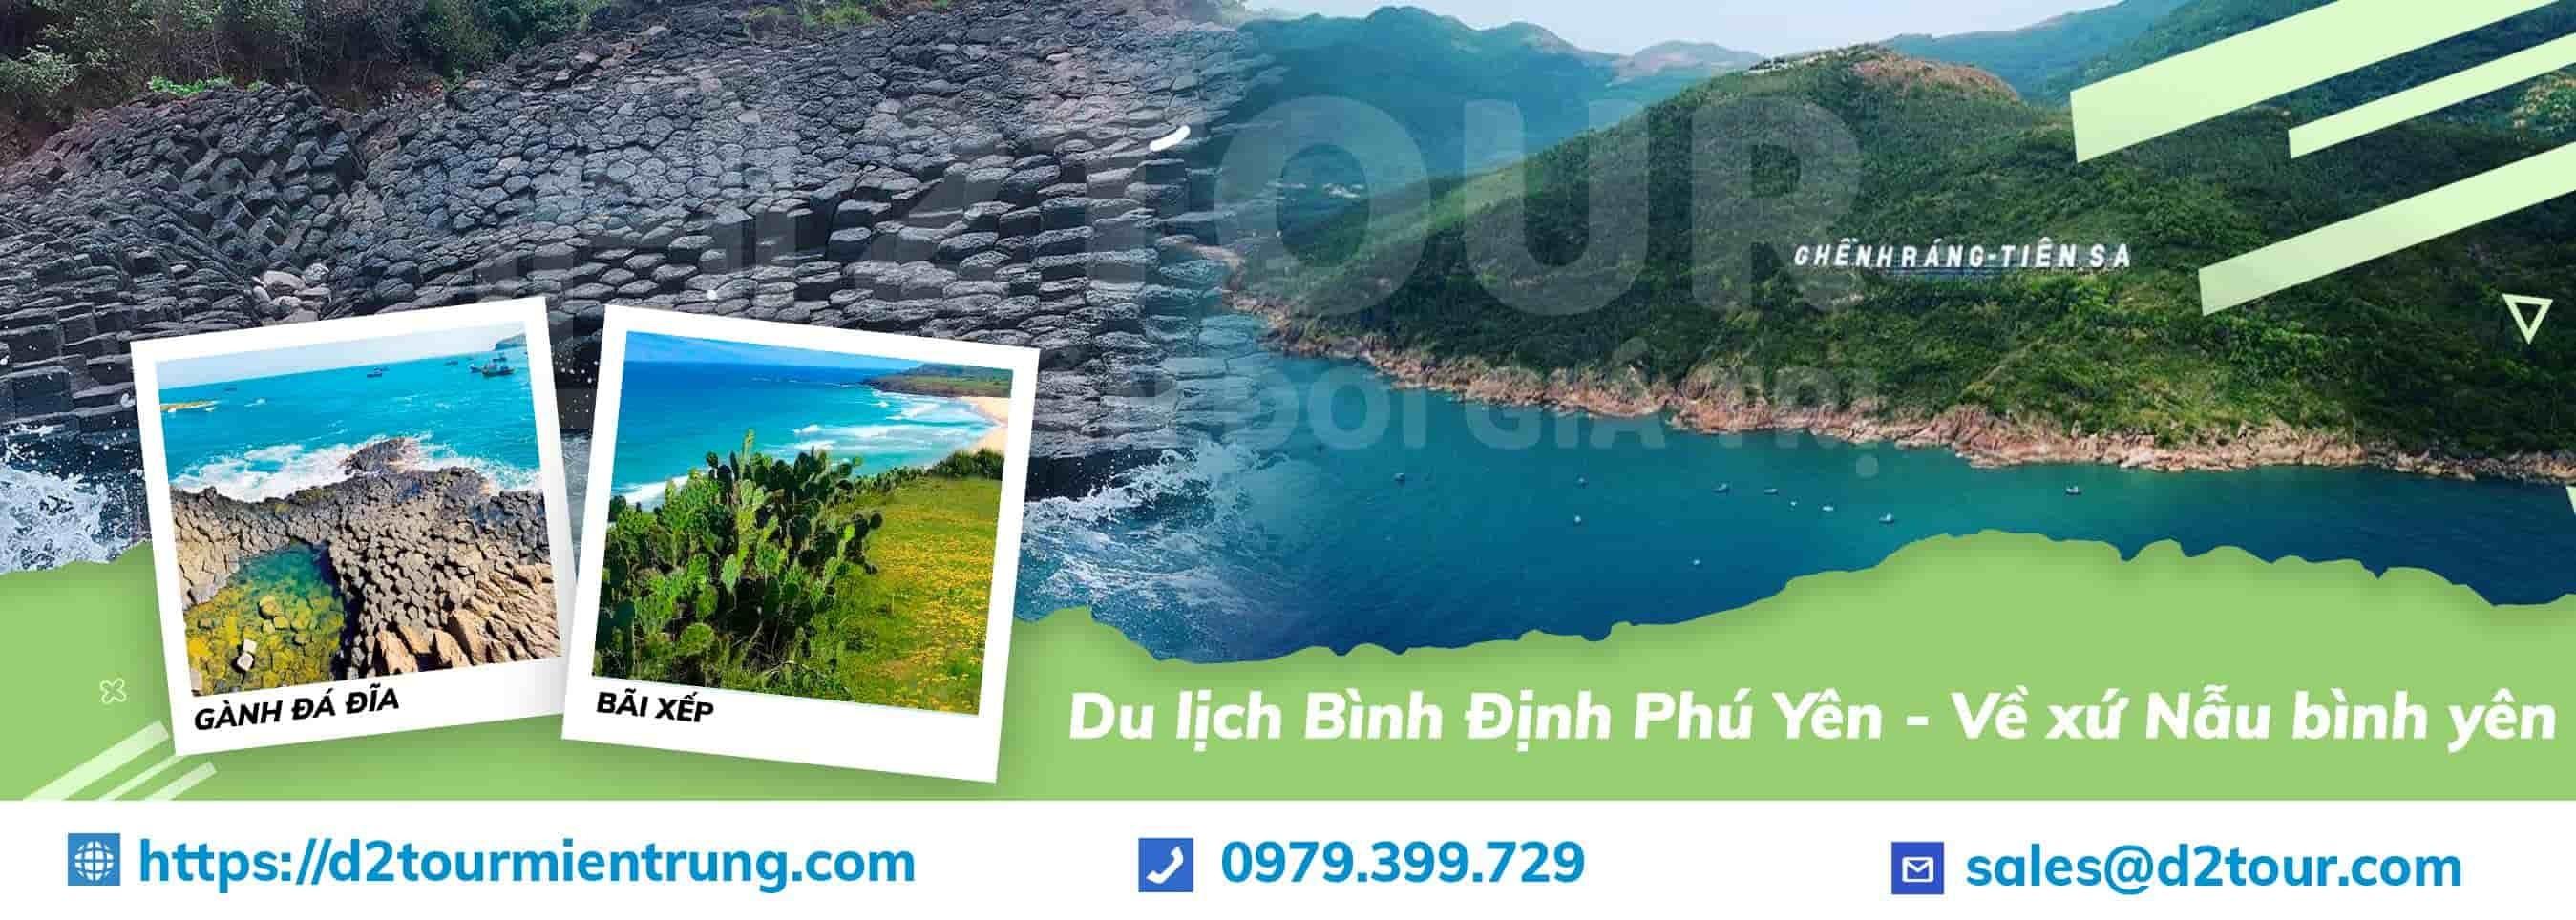 Tour du lịch Bình Định Phú Yên